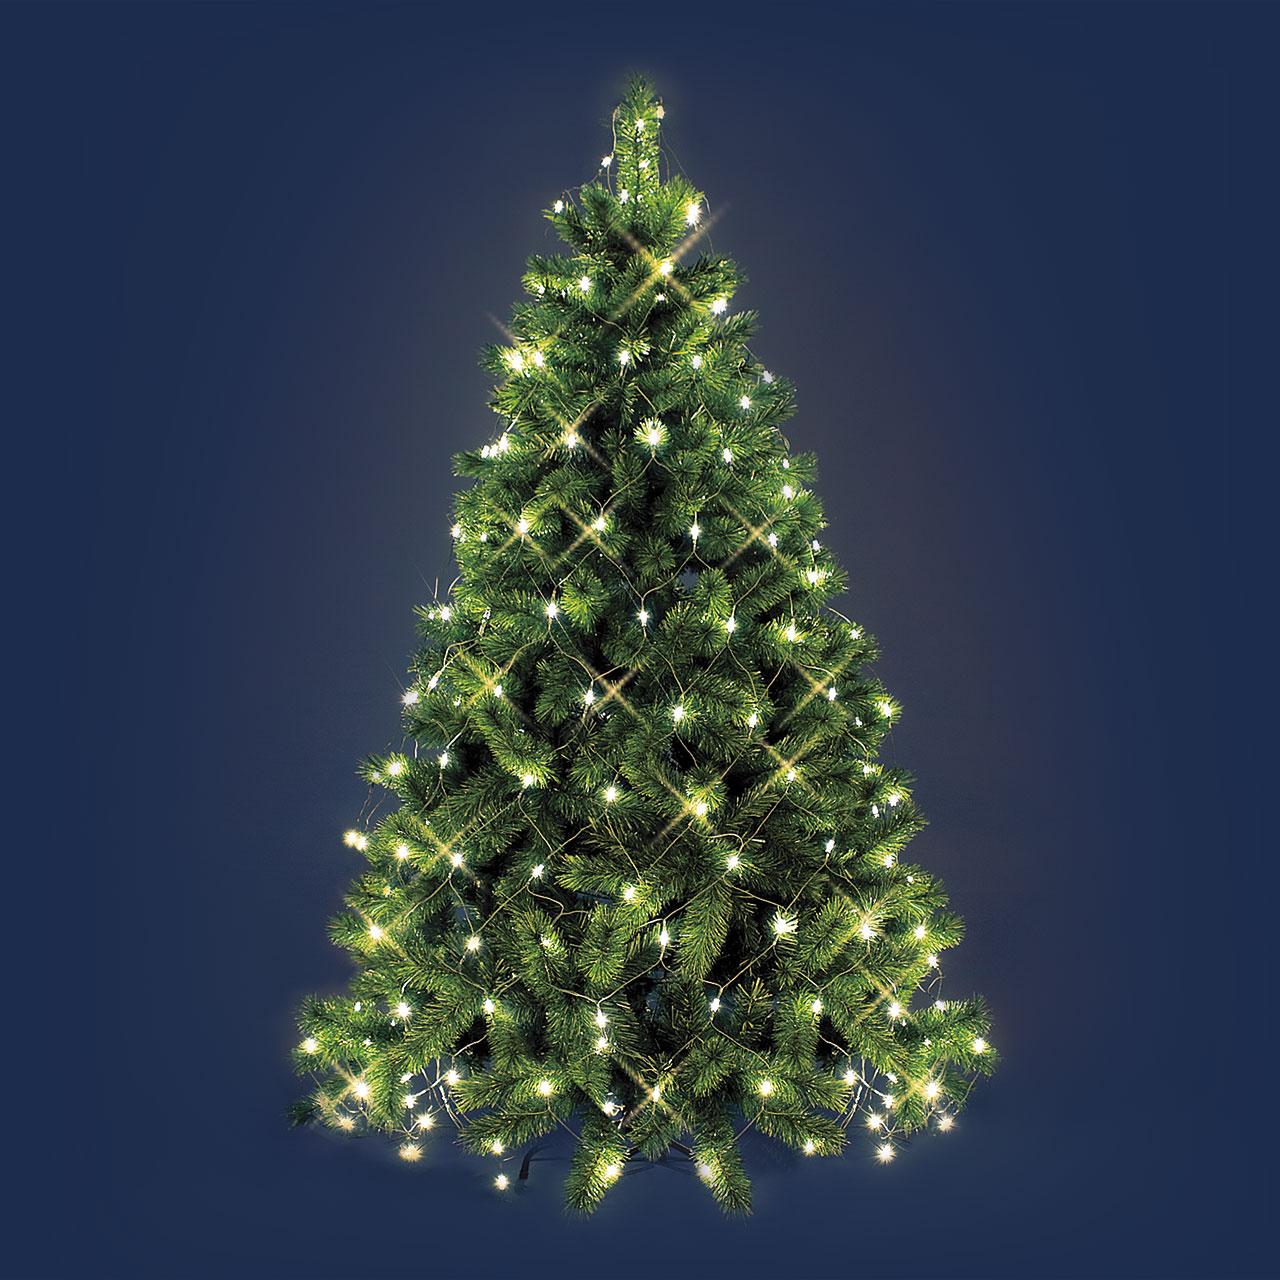 Lichterkette weihnachtsbaum innen anbringen